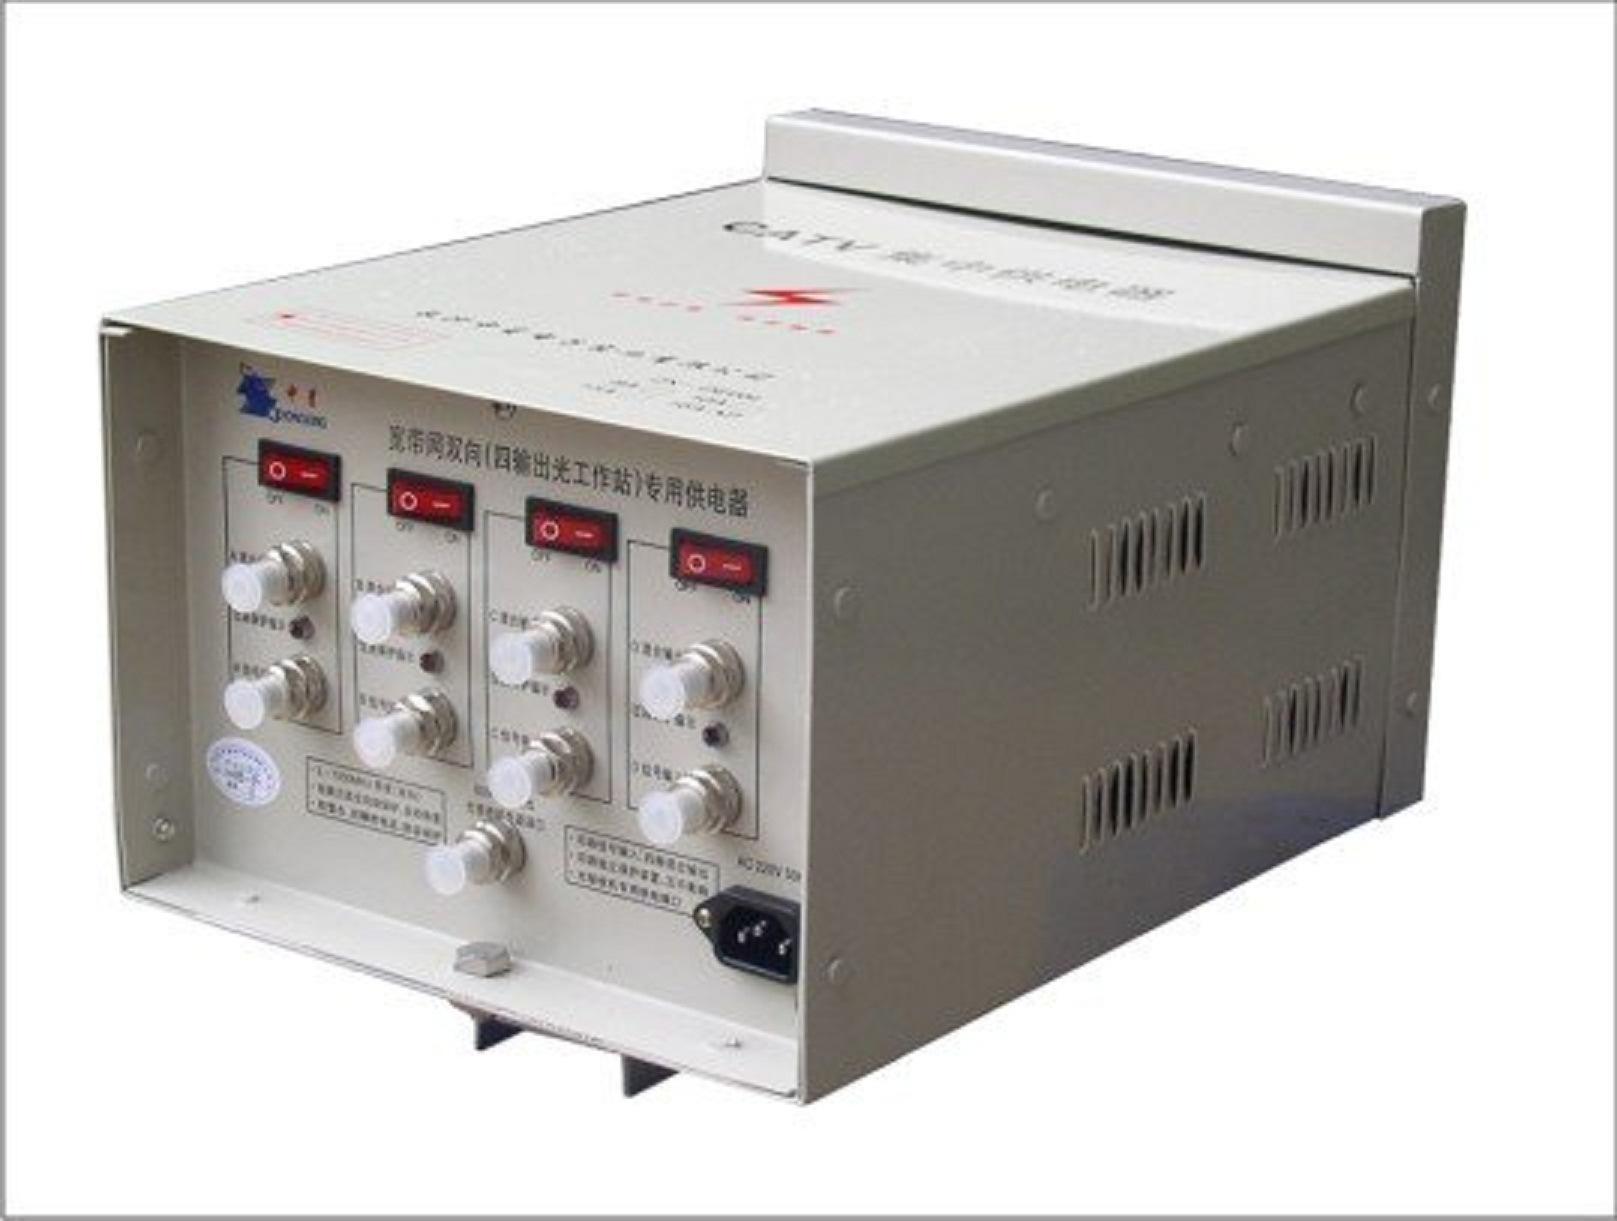 CATV Power Supply (Multiple Outputs) (HKTGD-003)